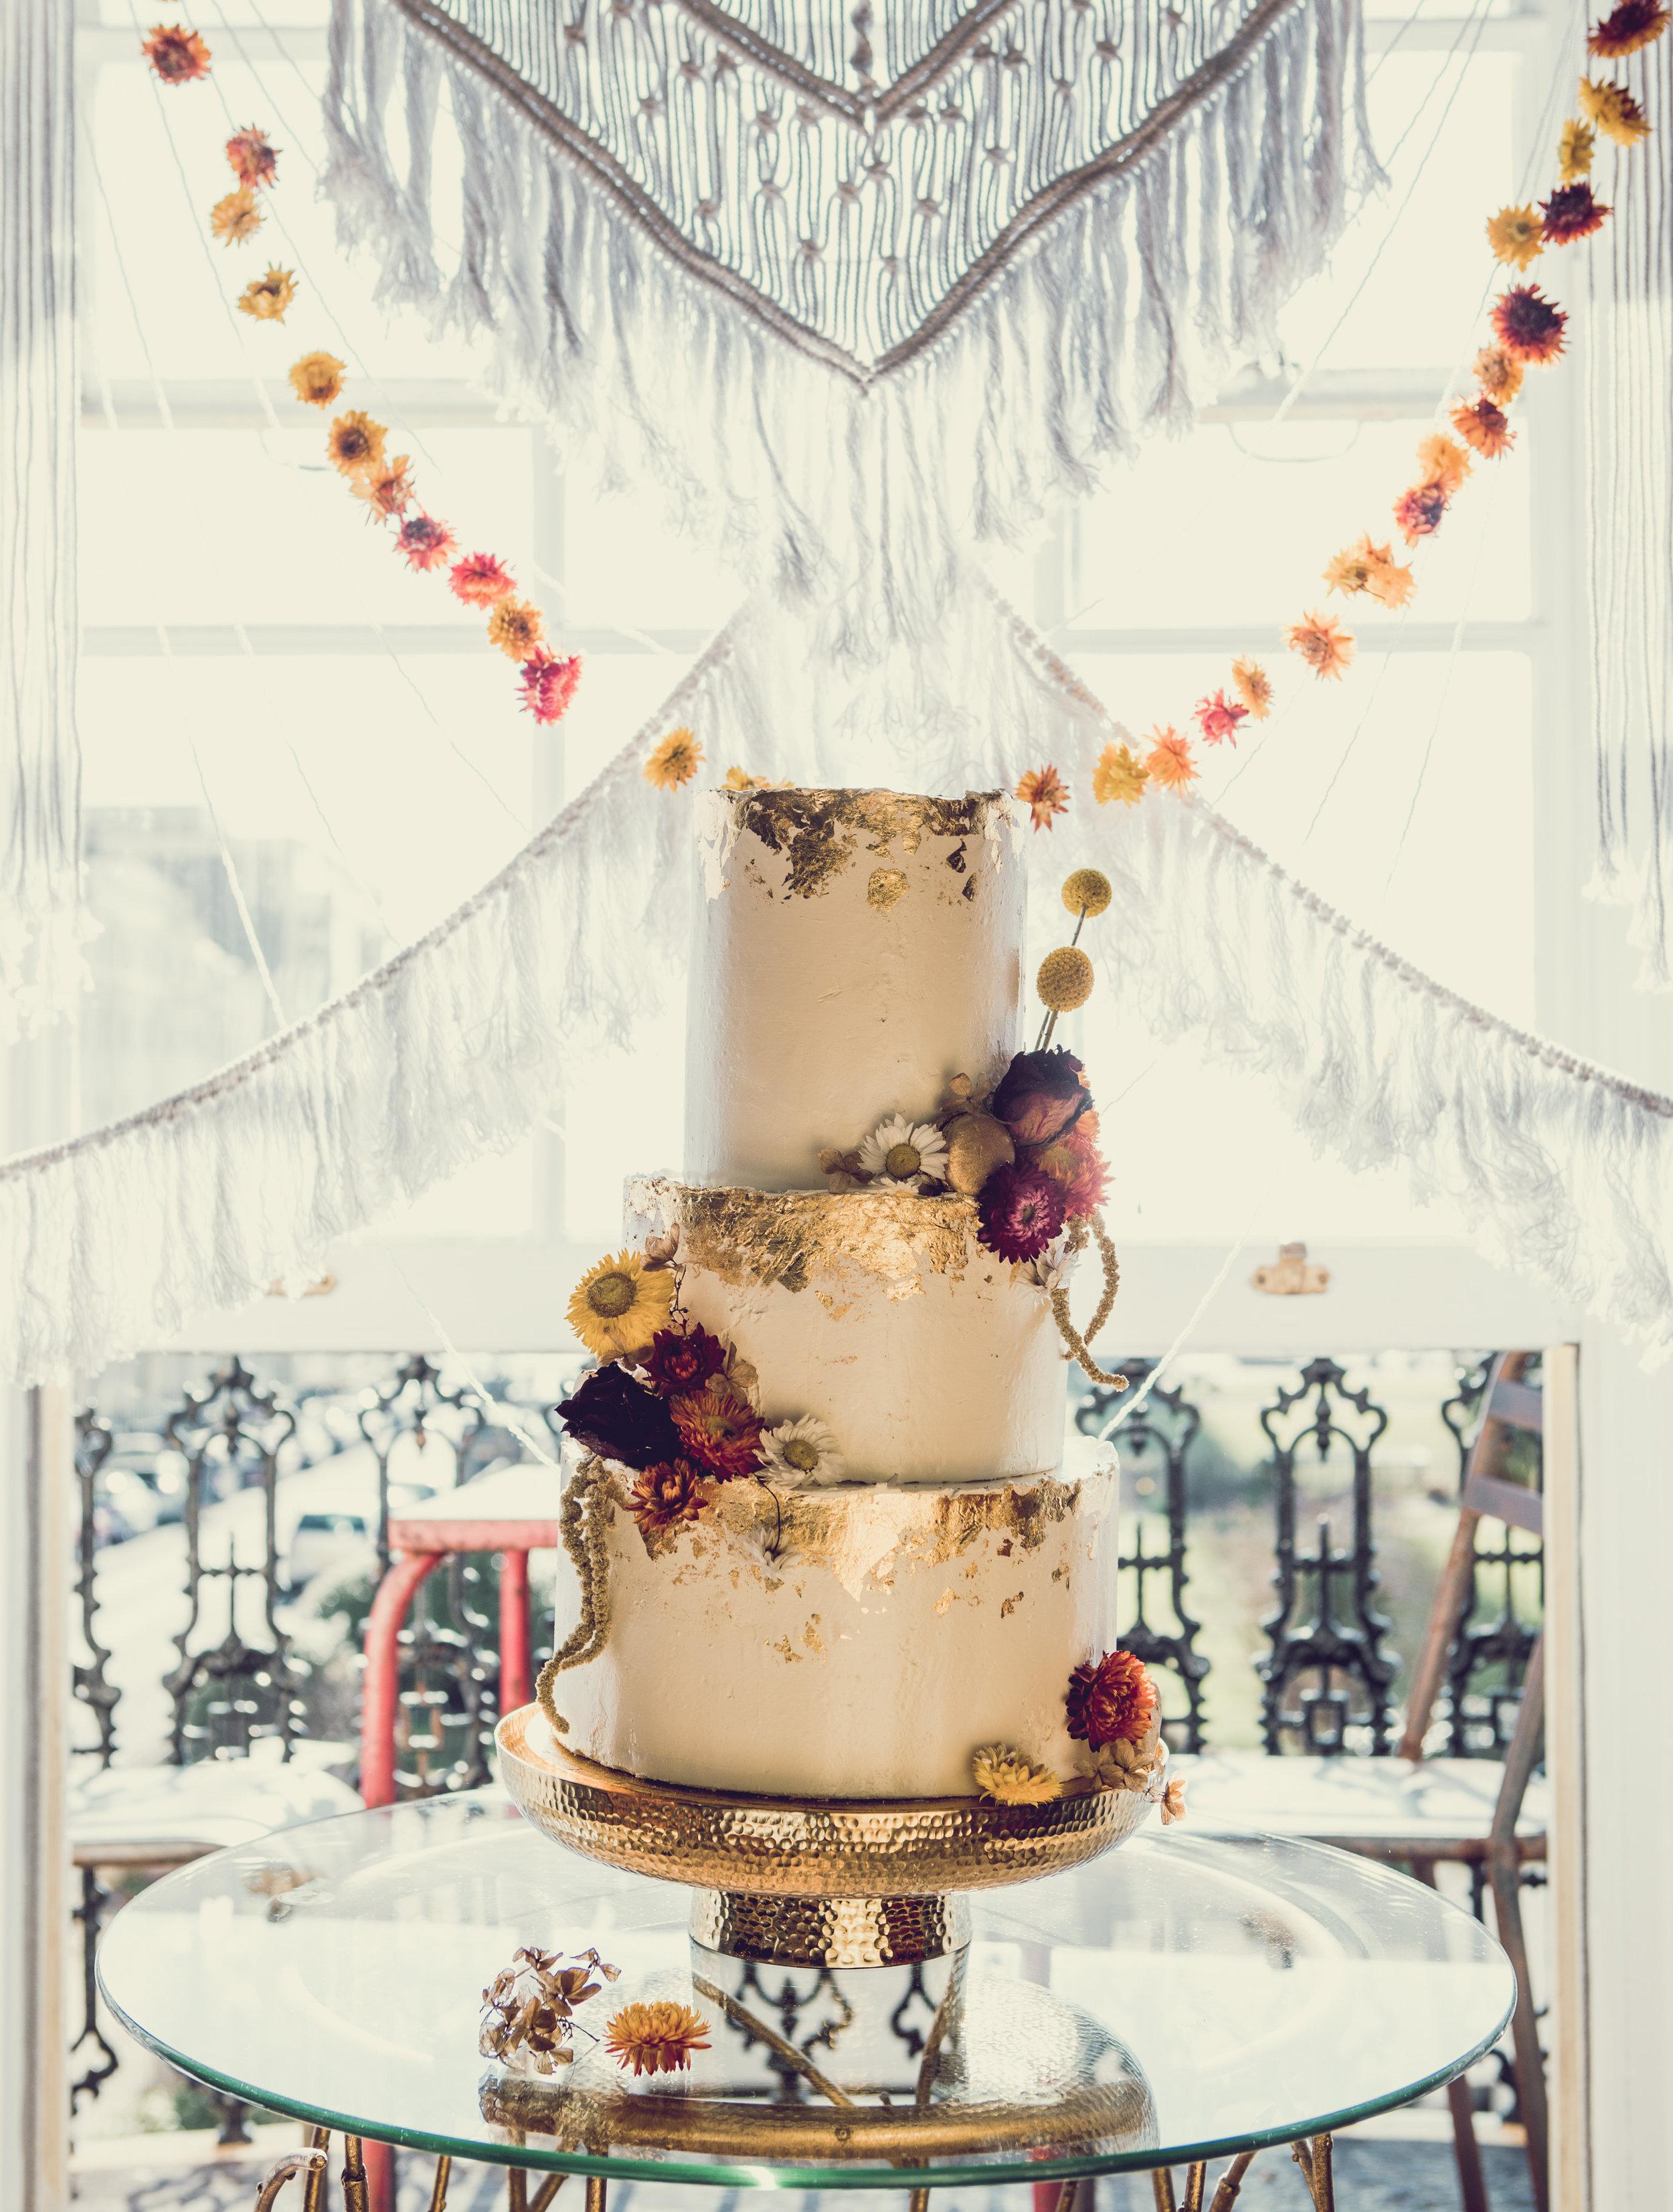 wonderous_wedding_fair_shoot_sam_pharoah-2705.jpg